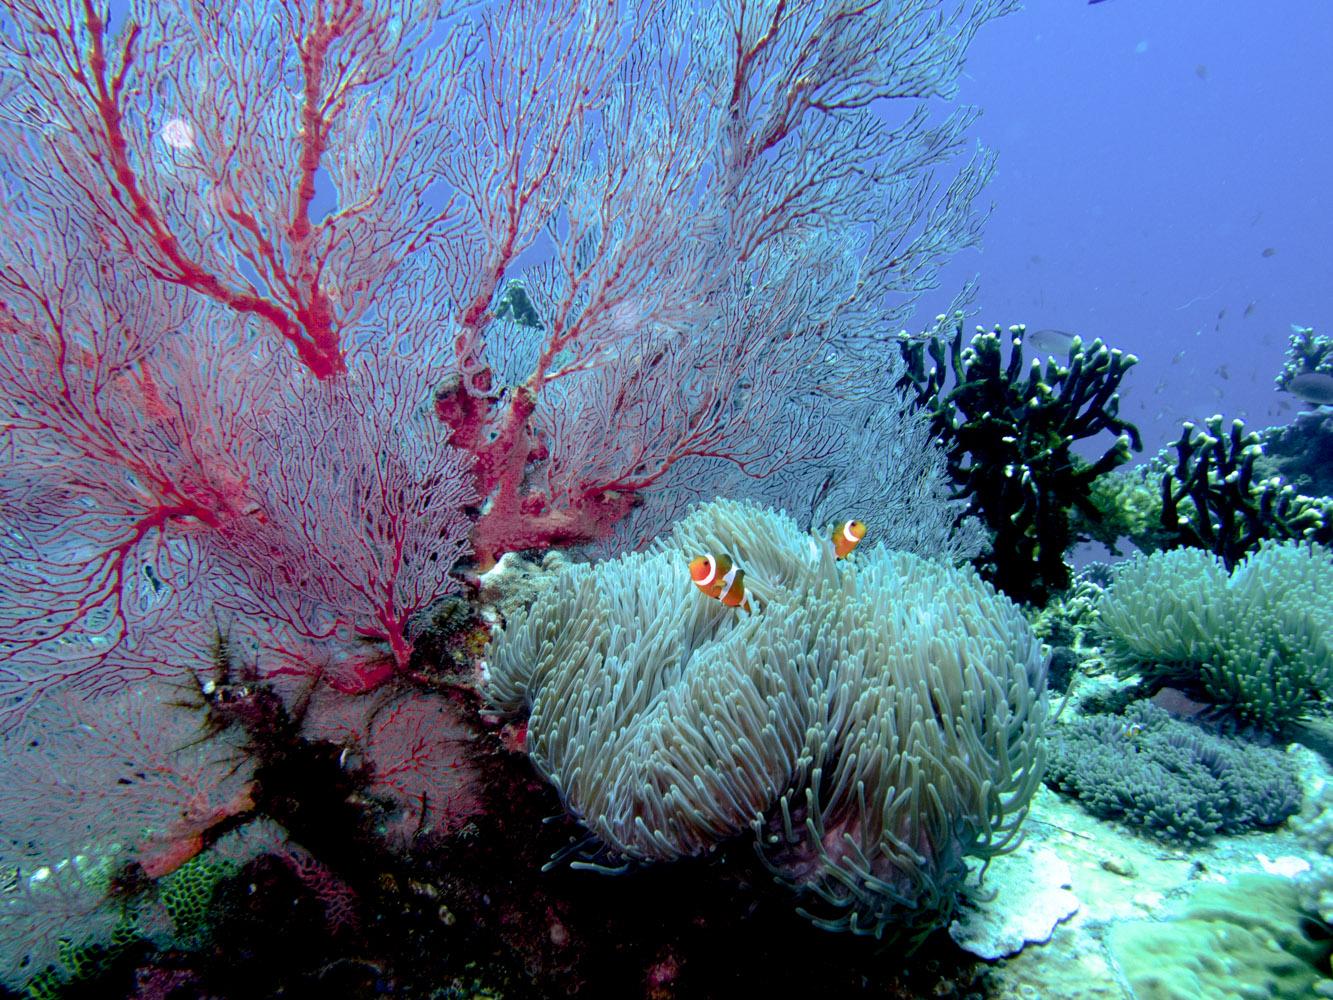 Clownfisch_Anemonenfisch_Nemo_-23